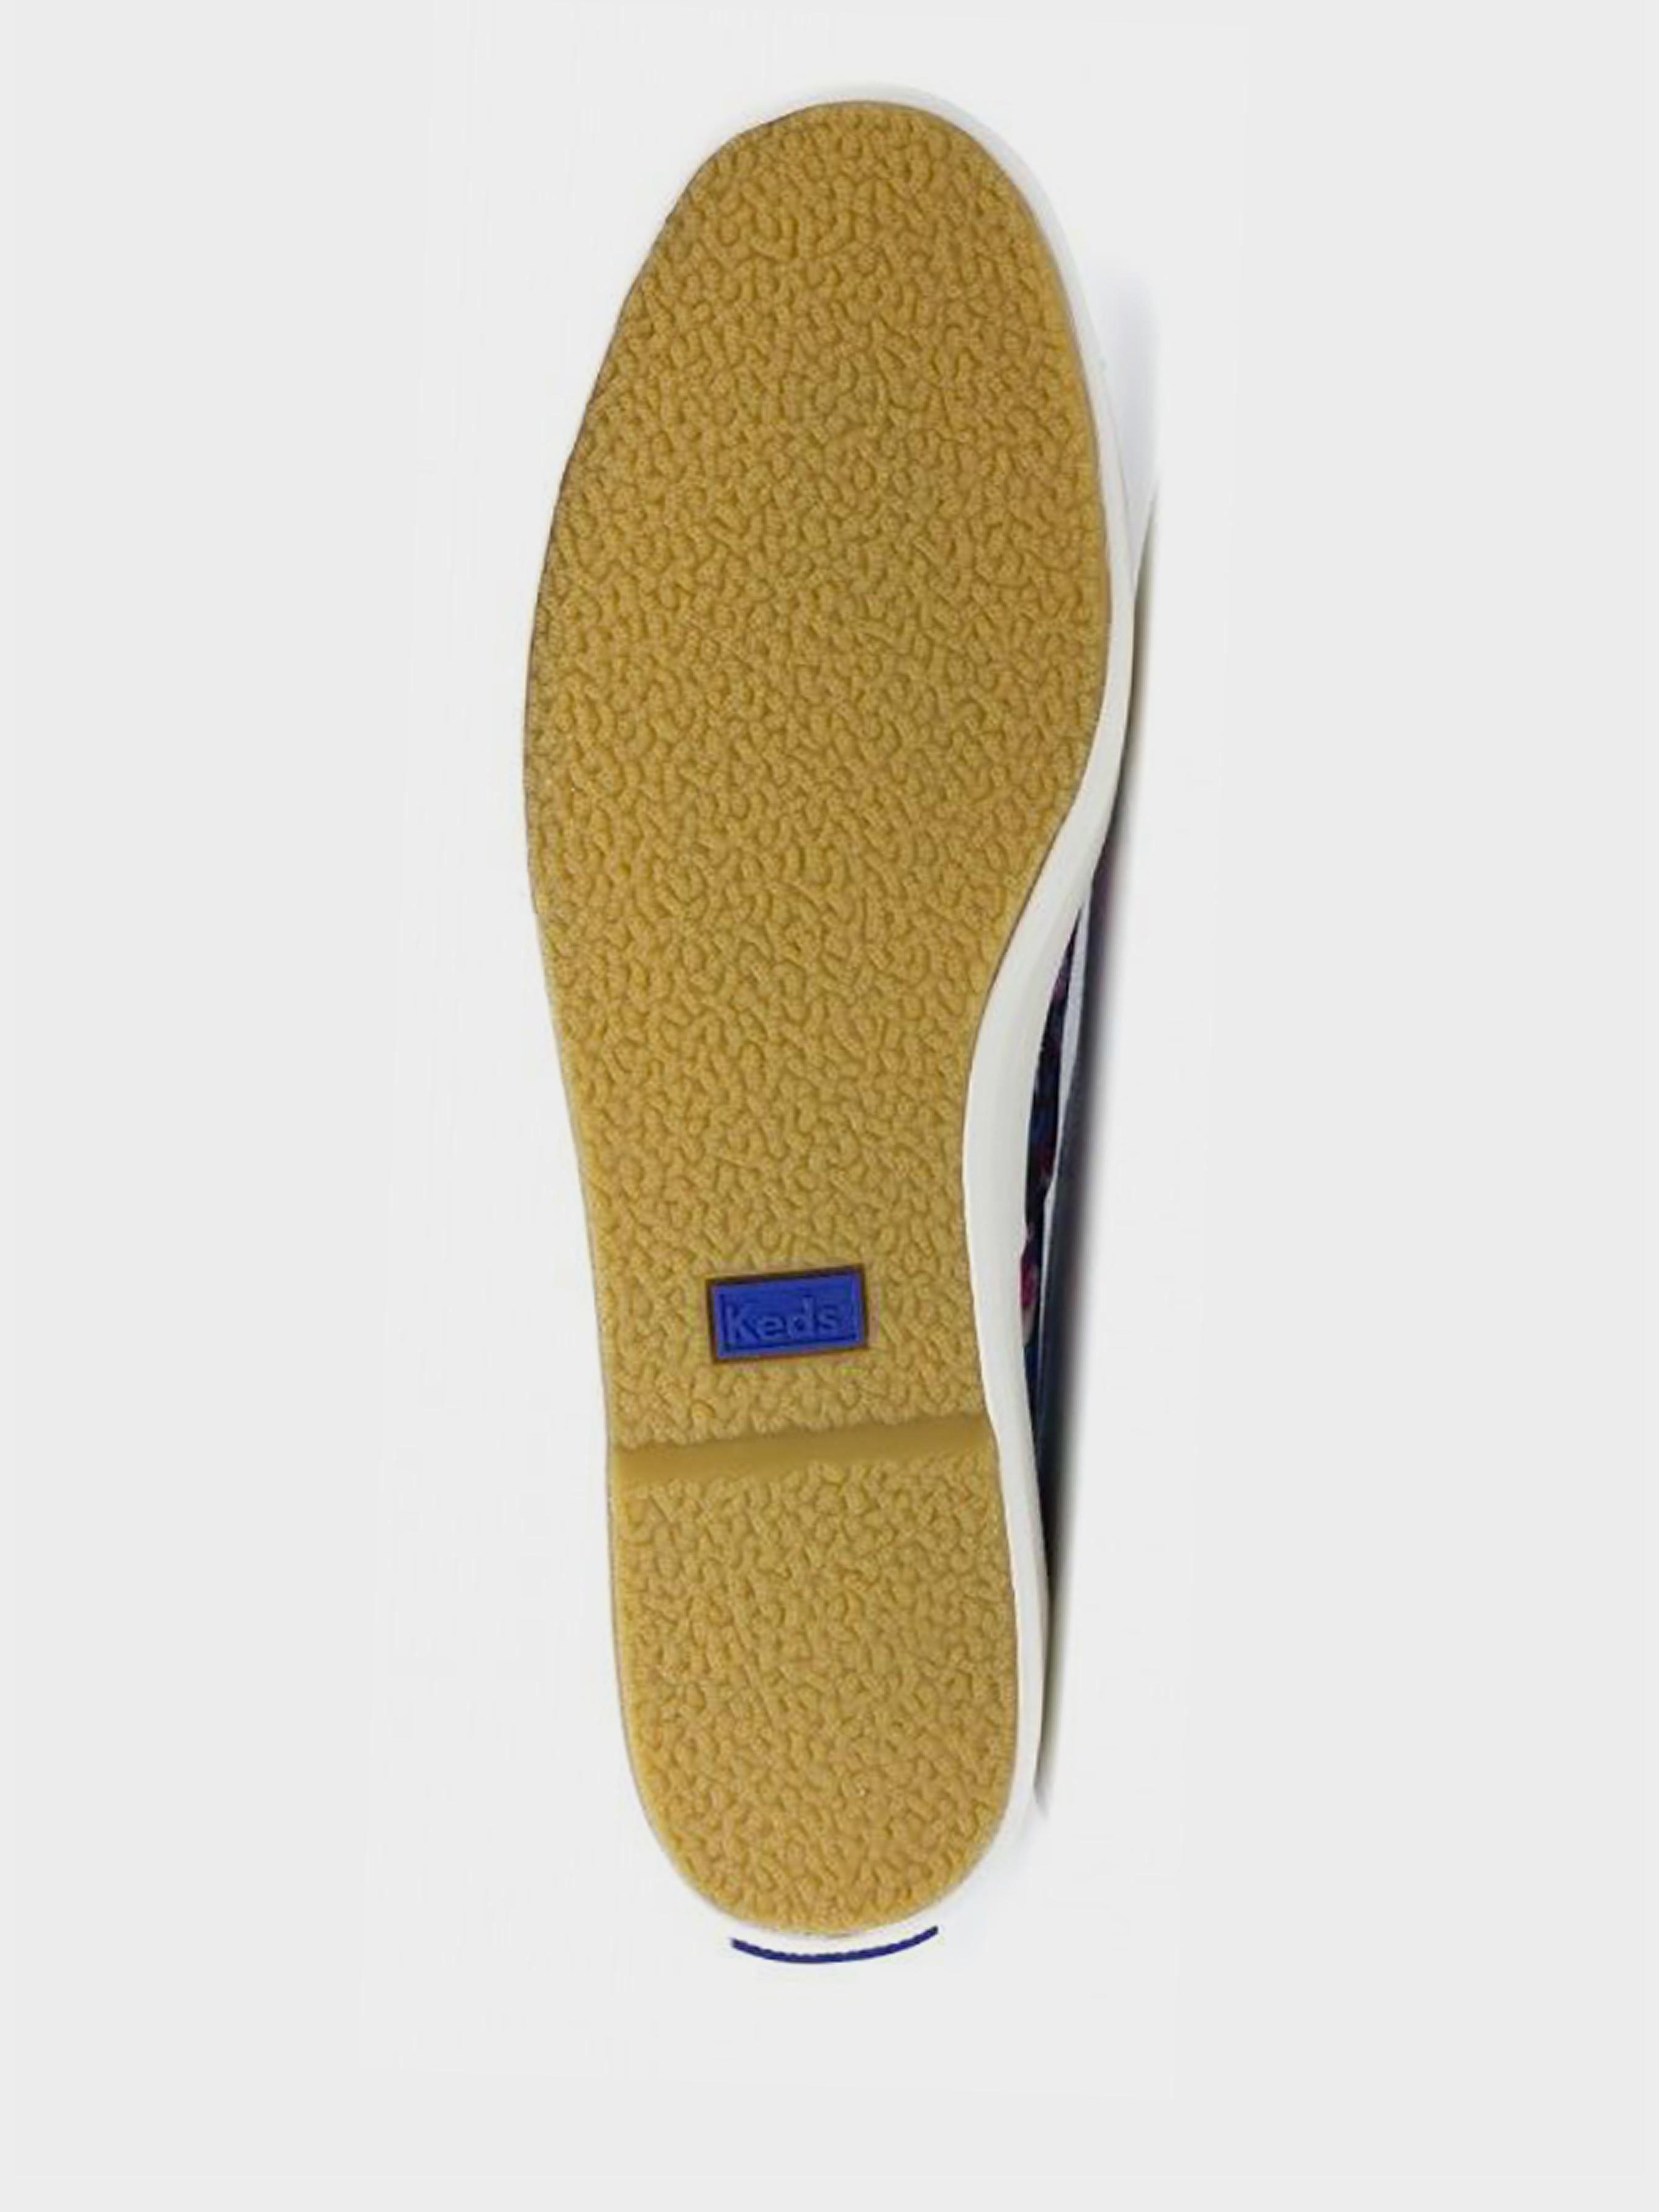 Кеды женские KEDS CH LIBERTY FLORAL KD226 купить обувь, 2017